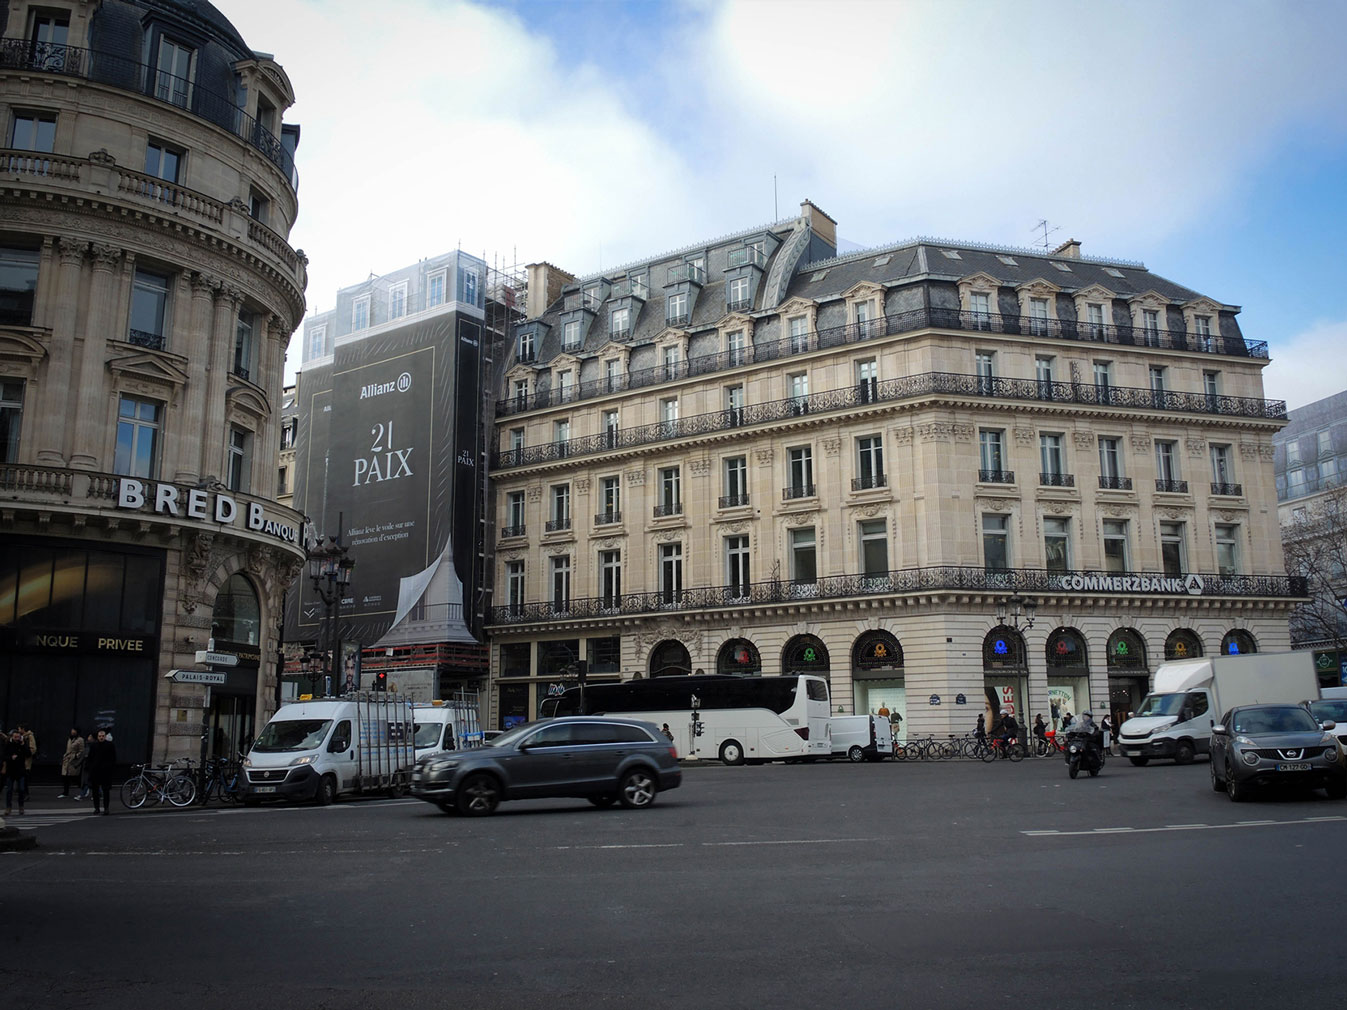 Bâche publicitaire échafaudage Allianz Real Estate by Wedezign